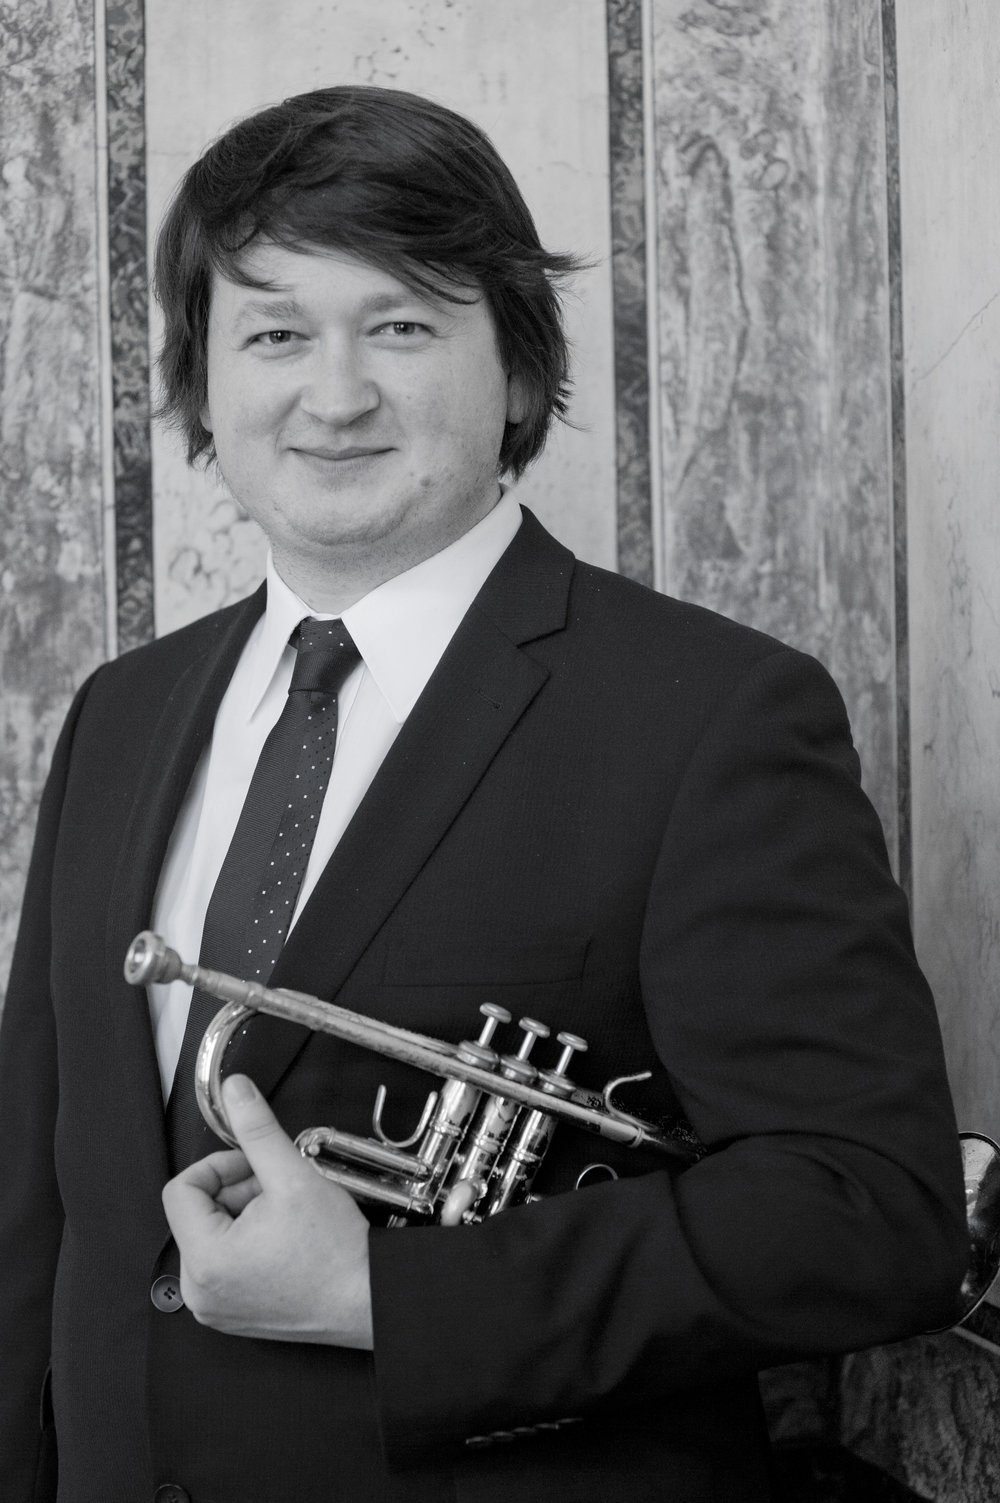 Franc Kosem - Principal trumpet, Slovenian Philharmonic